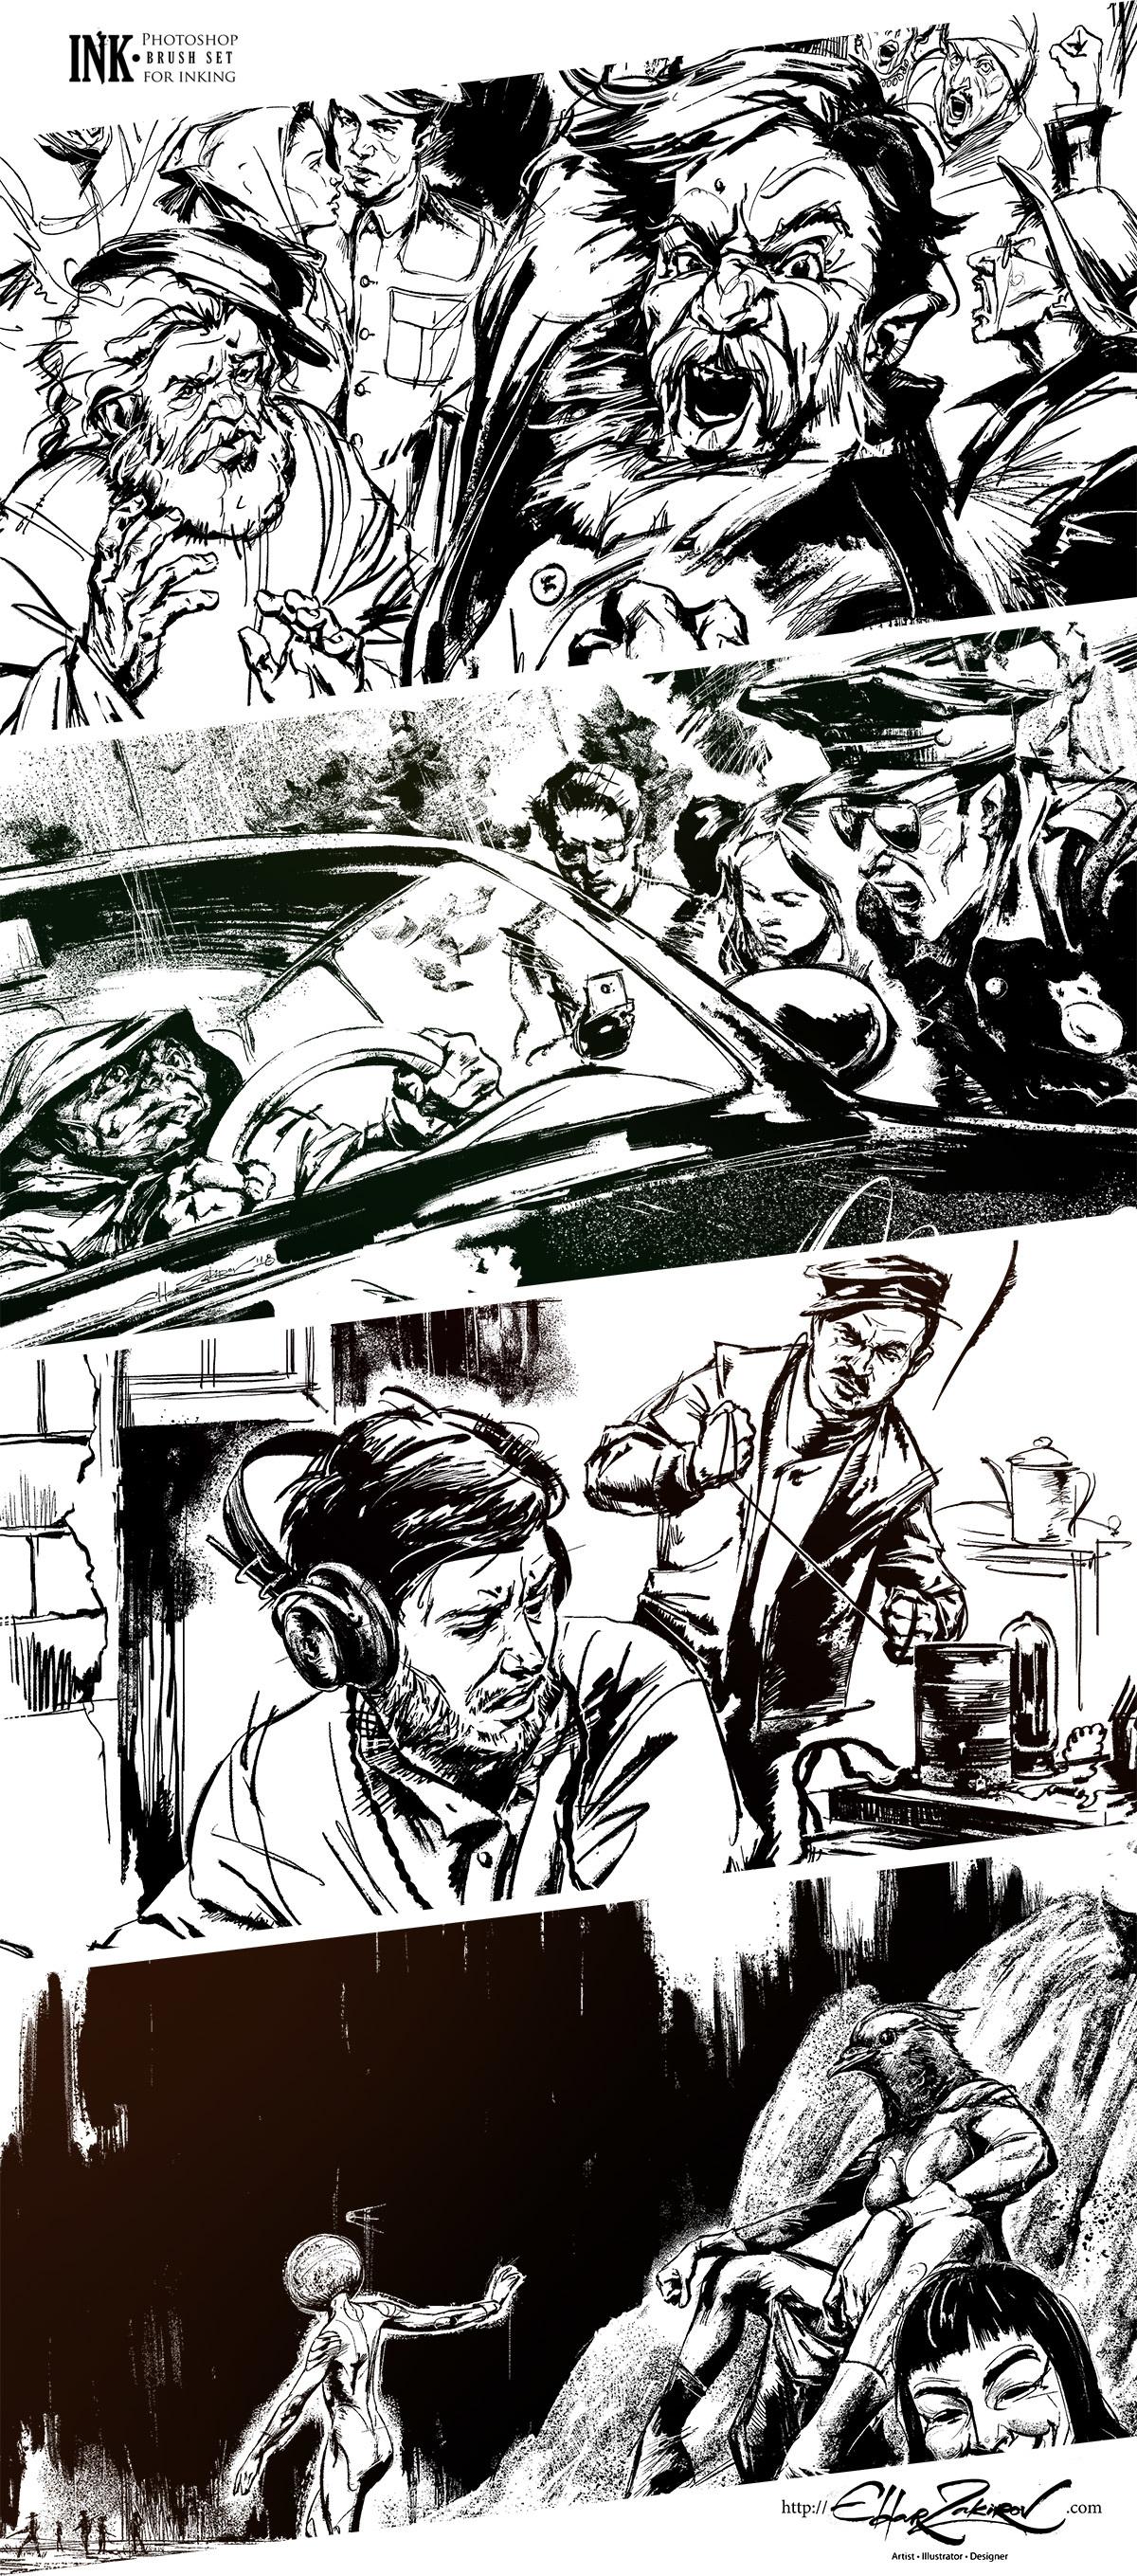 INK • 40 Photoshop Brushes for Inking - The Art of Eldar Zakirov